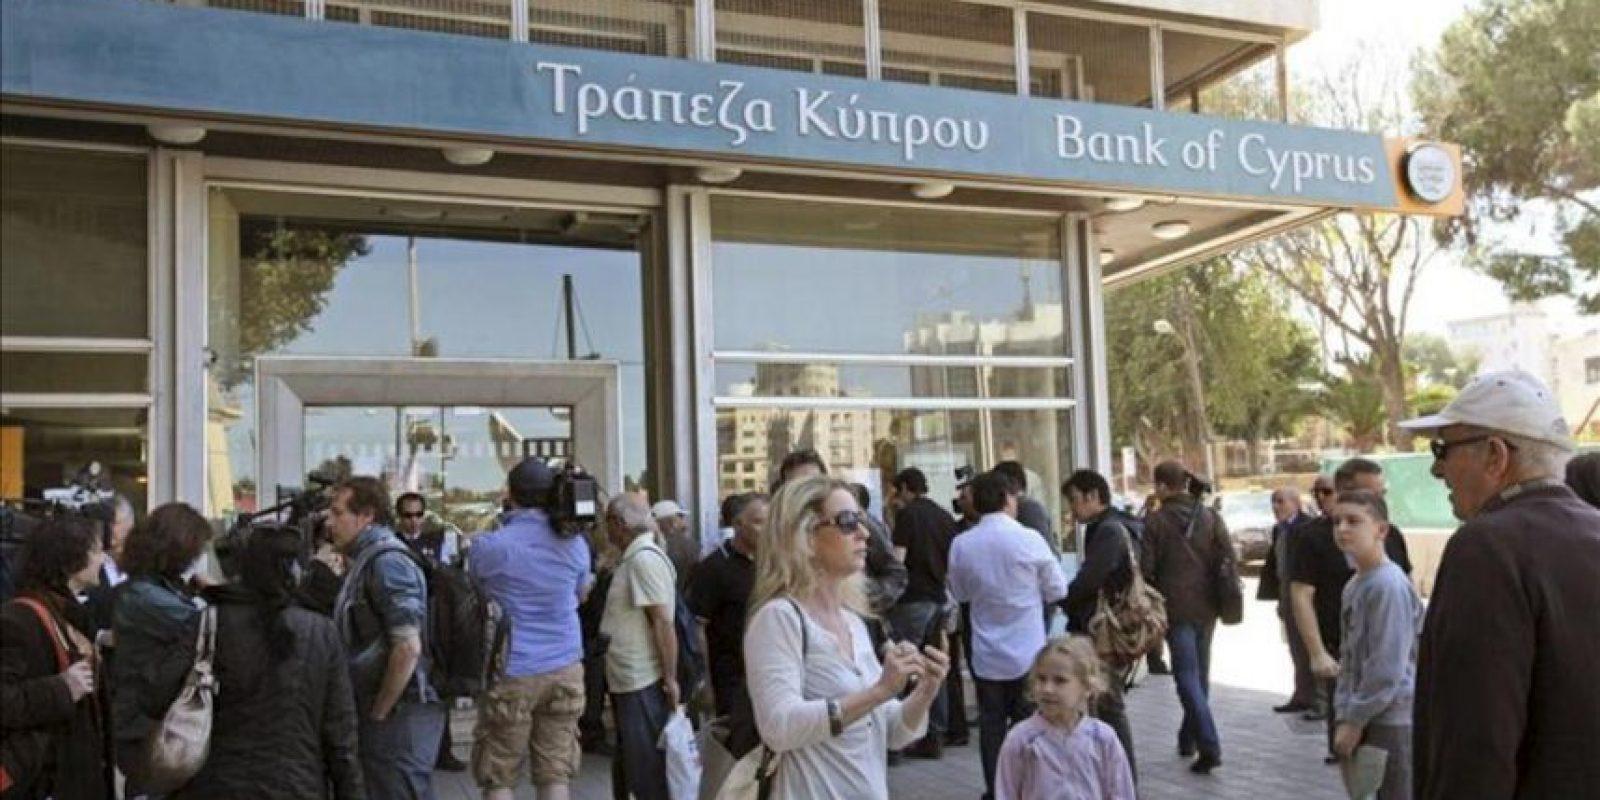 Chipriotas aguardan la apertura de una sucursal del Banco de Chipre, en Nicosia, hoy, jueves 28 de marzo de 2013. EFE